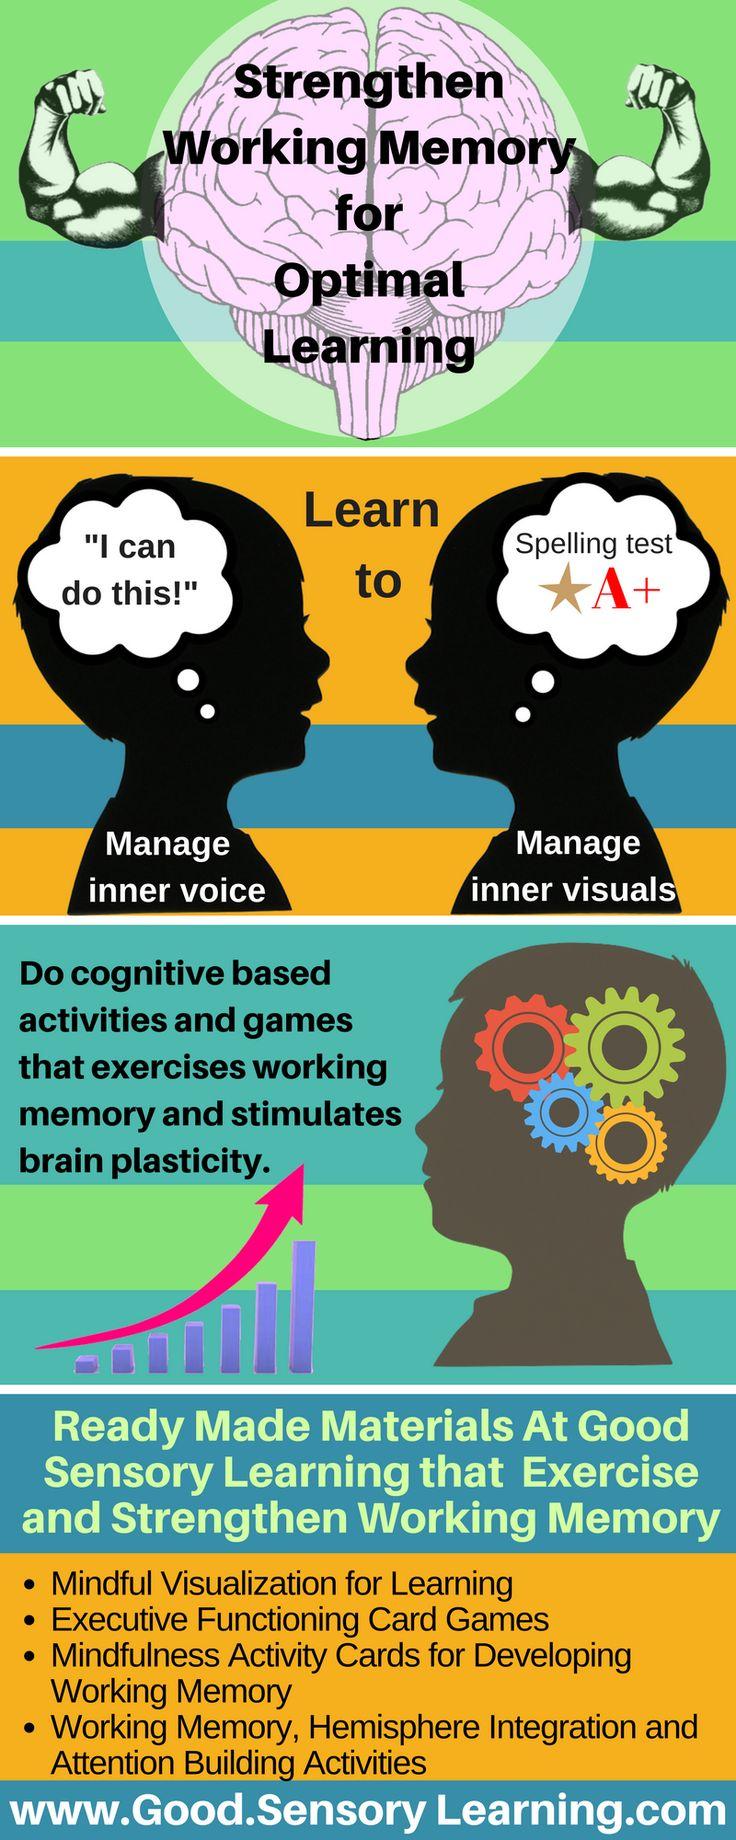 Working memory study